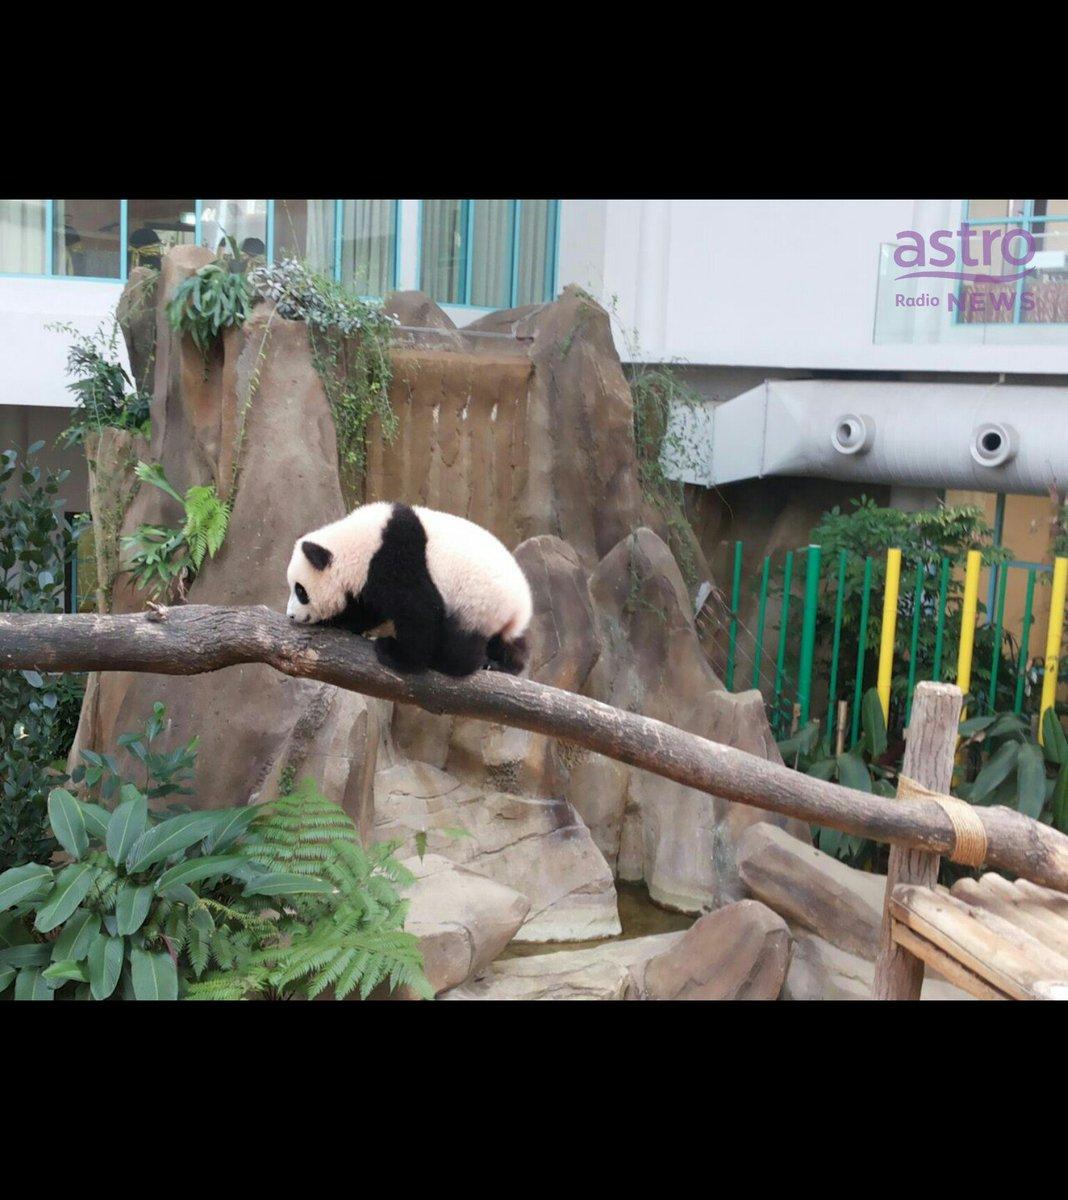 Astro Radio News On Twitter Gambar Koleksi Gambar Anak Panda Nuan Nuan Bersama Ibunya Semasa Pengumuman Nama Haiwan Tersebut Di Zoo Negara Https T Co 4dxkvaj3sm